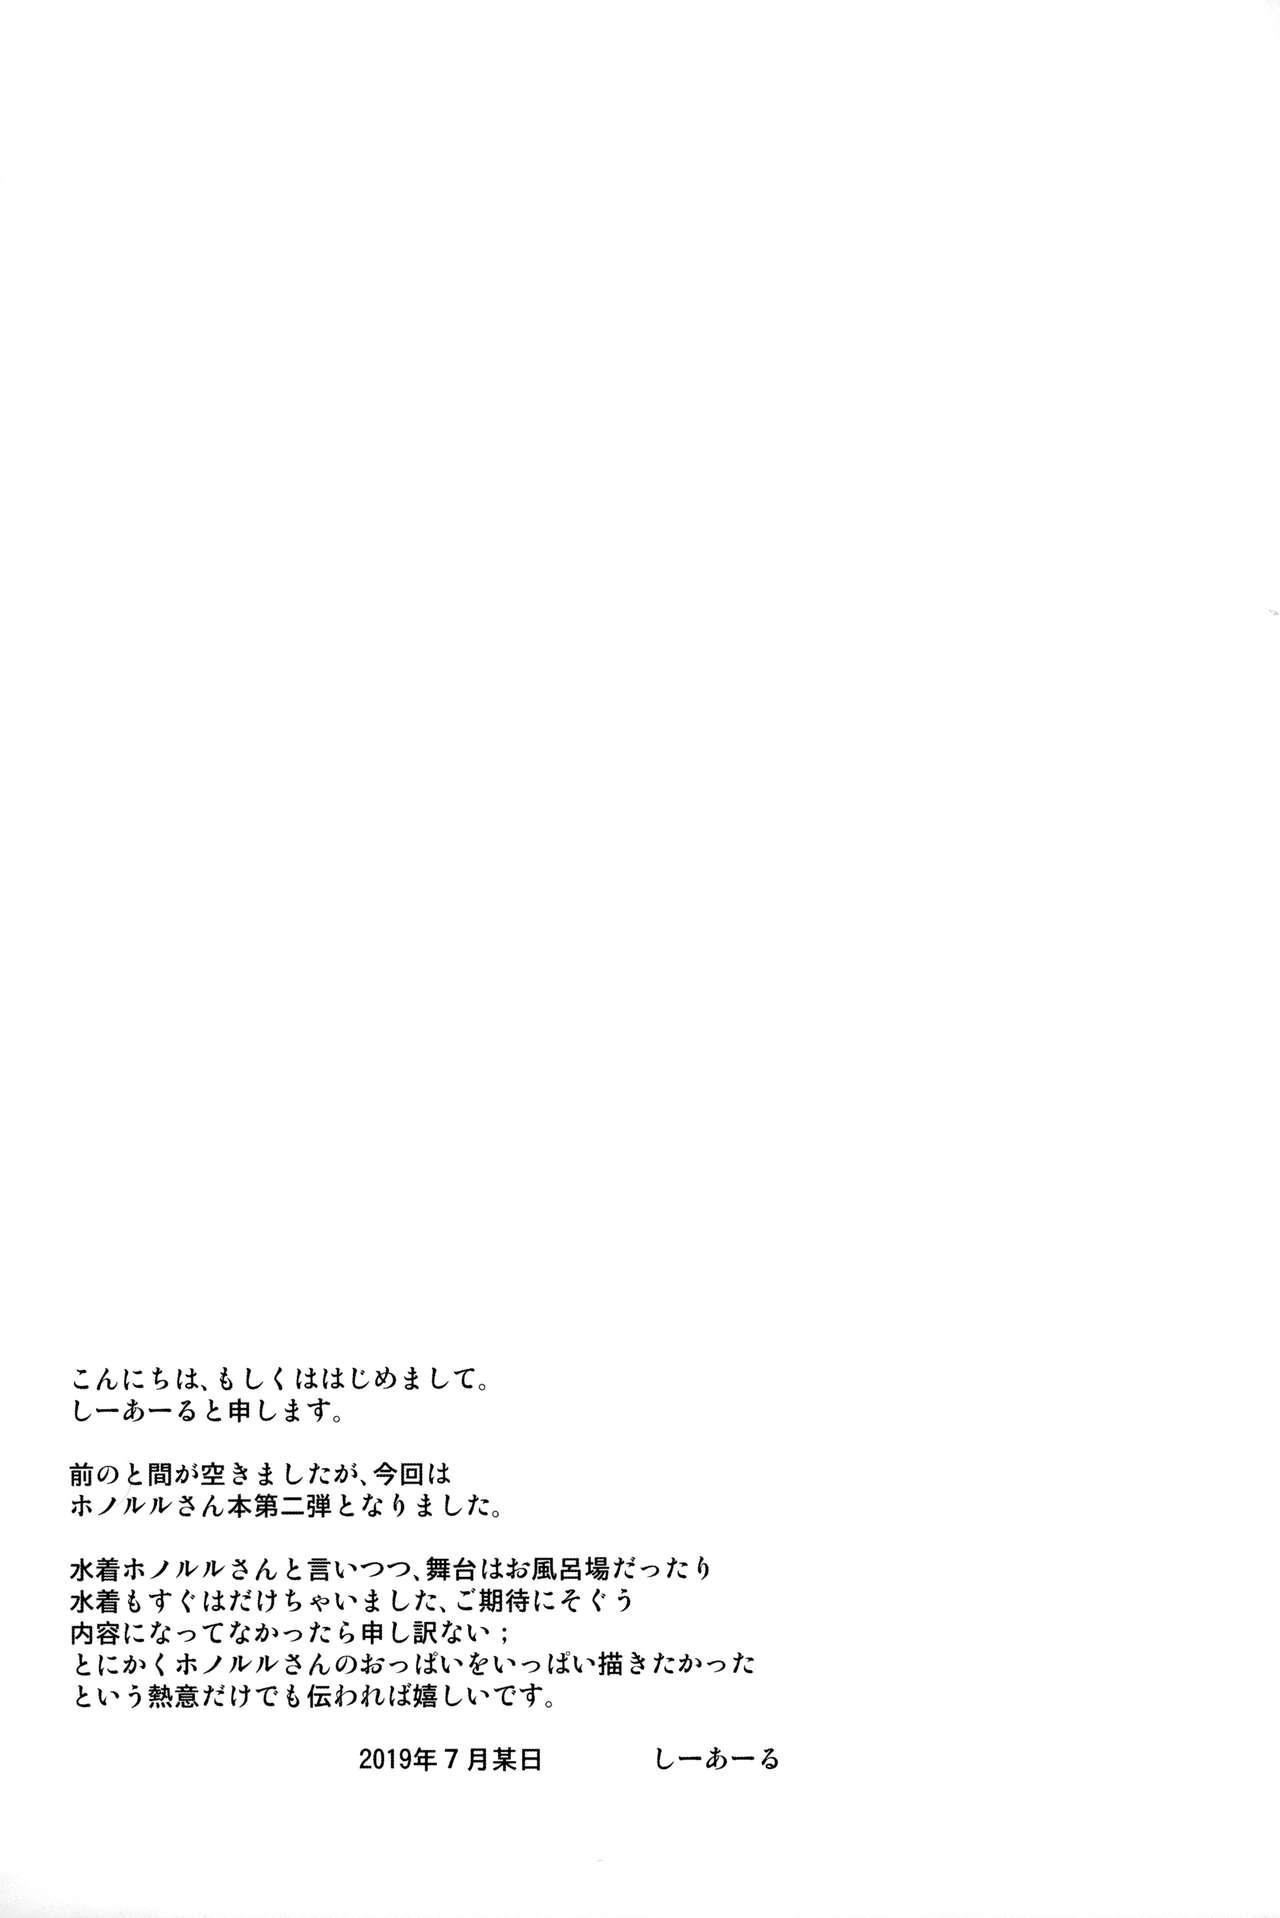 Mizugi no Honolulu-san ga Bucchouzura Shinagara Oppai de Nagusamete Kureru Hon 18